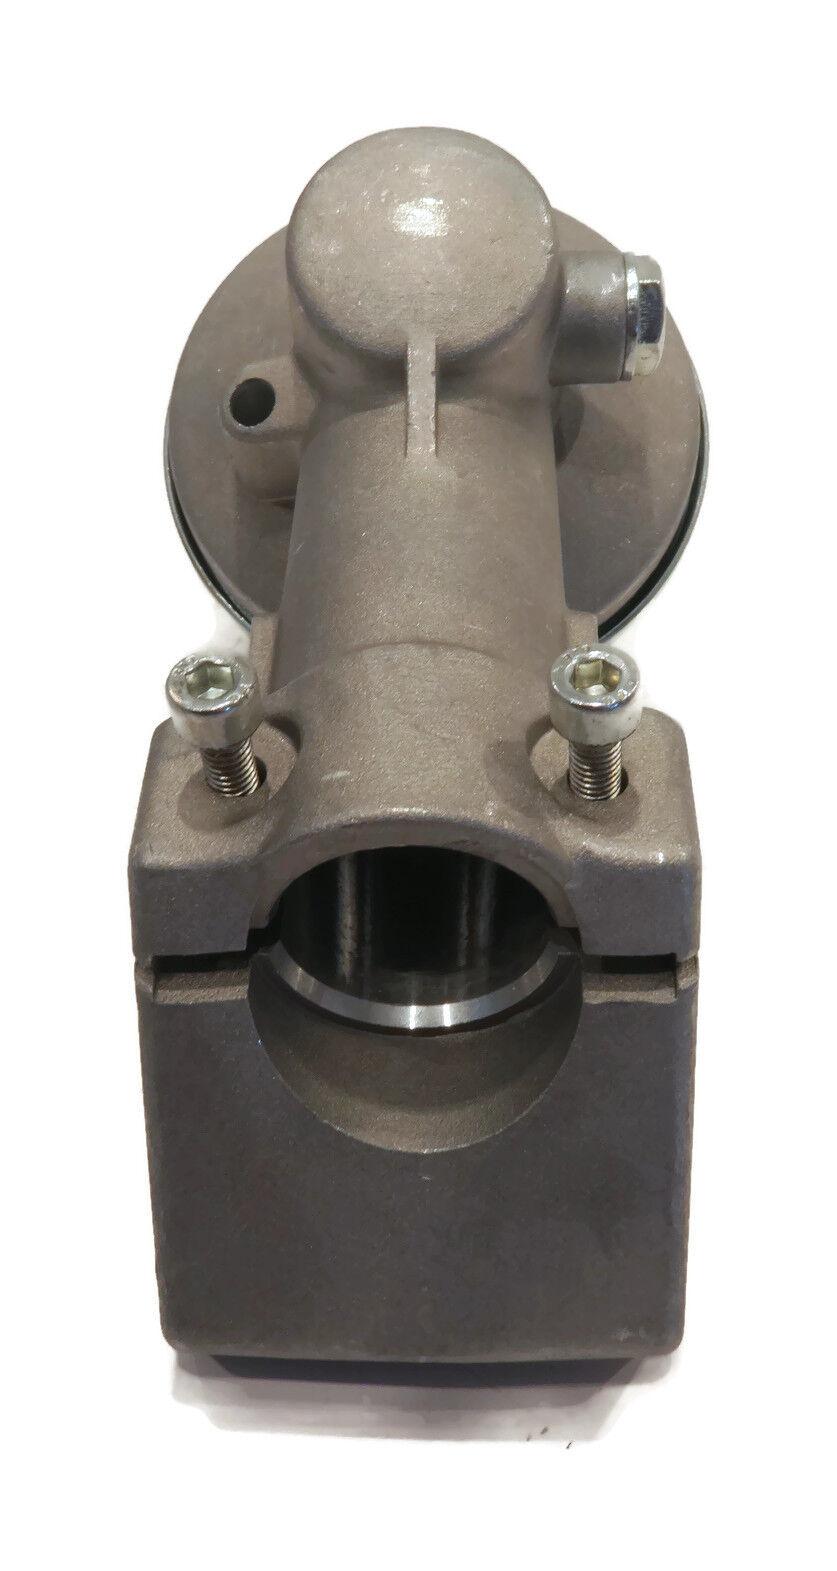 GEARBOX GEARHEAD for Stihl FS44 FS65 FS72 FS74 FS75 FS76 FS80 FS80R FS83 FS83T